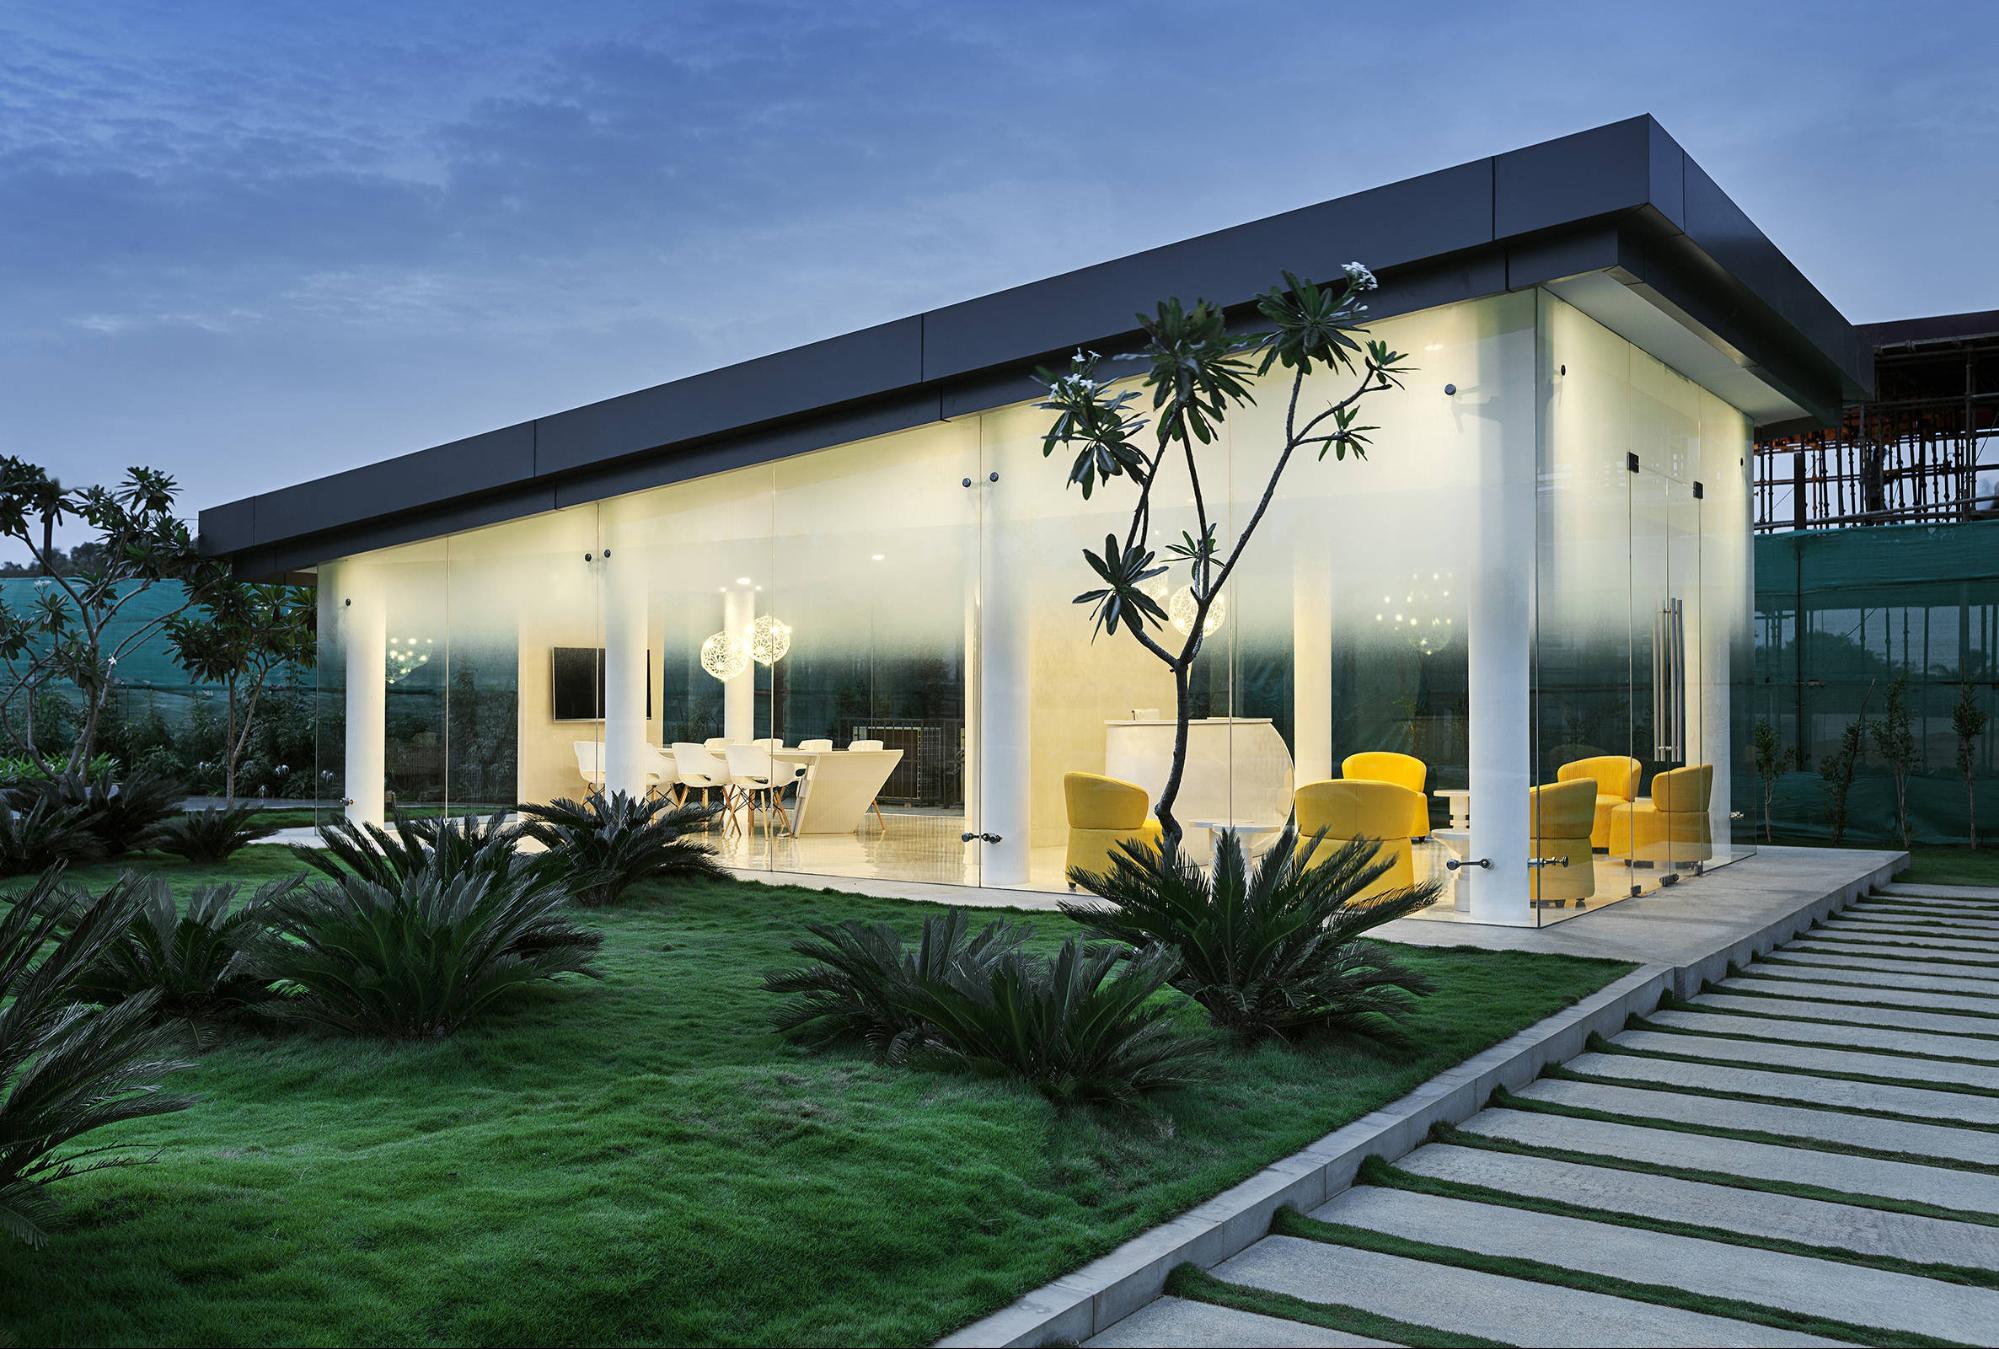 Top 50 Architecture Firms in Bangalore - FADD Studio